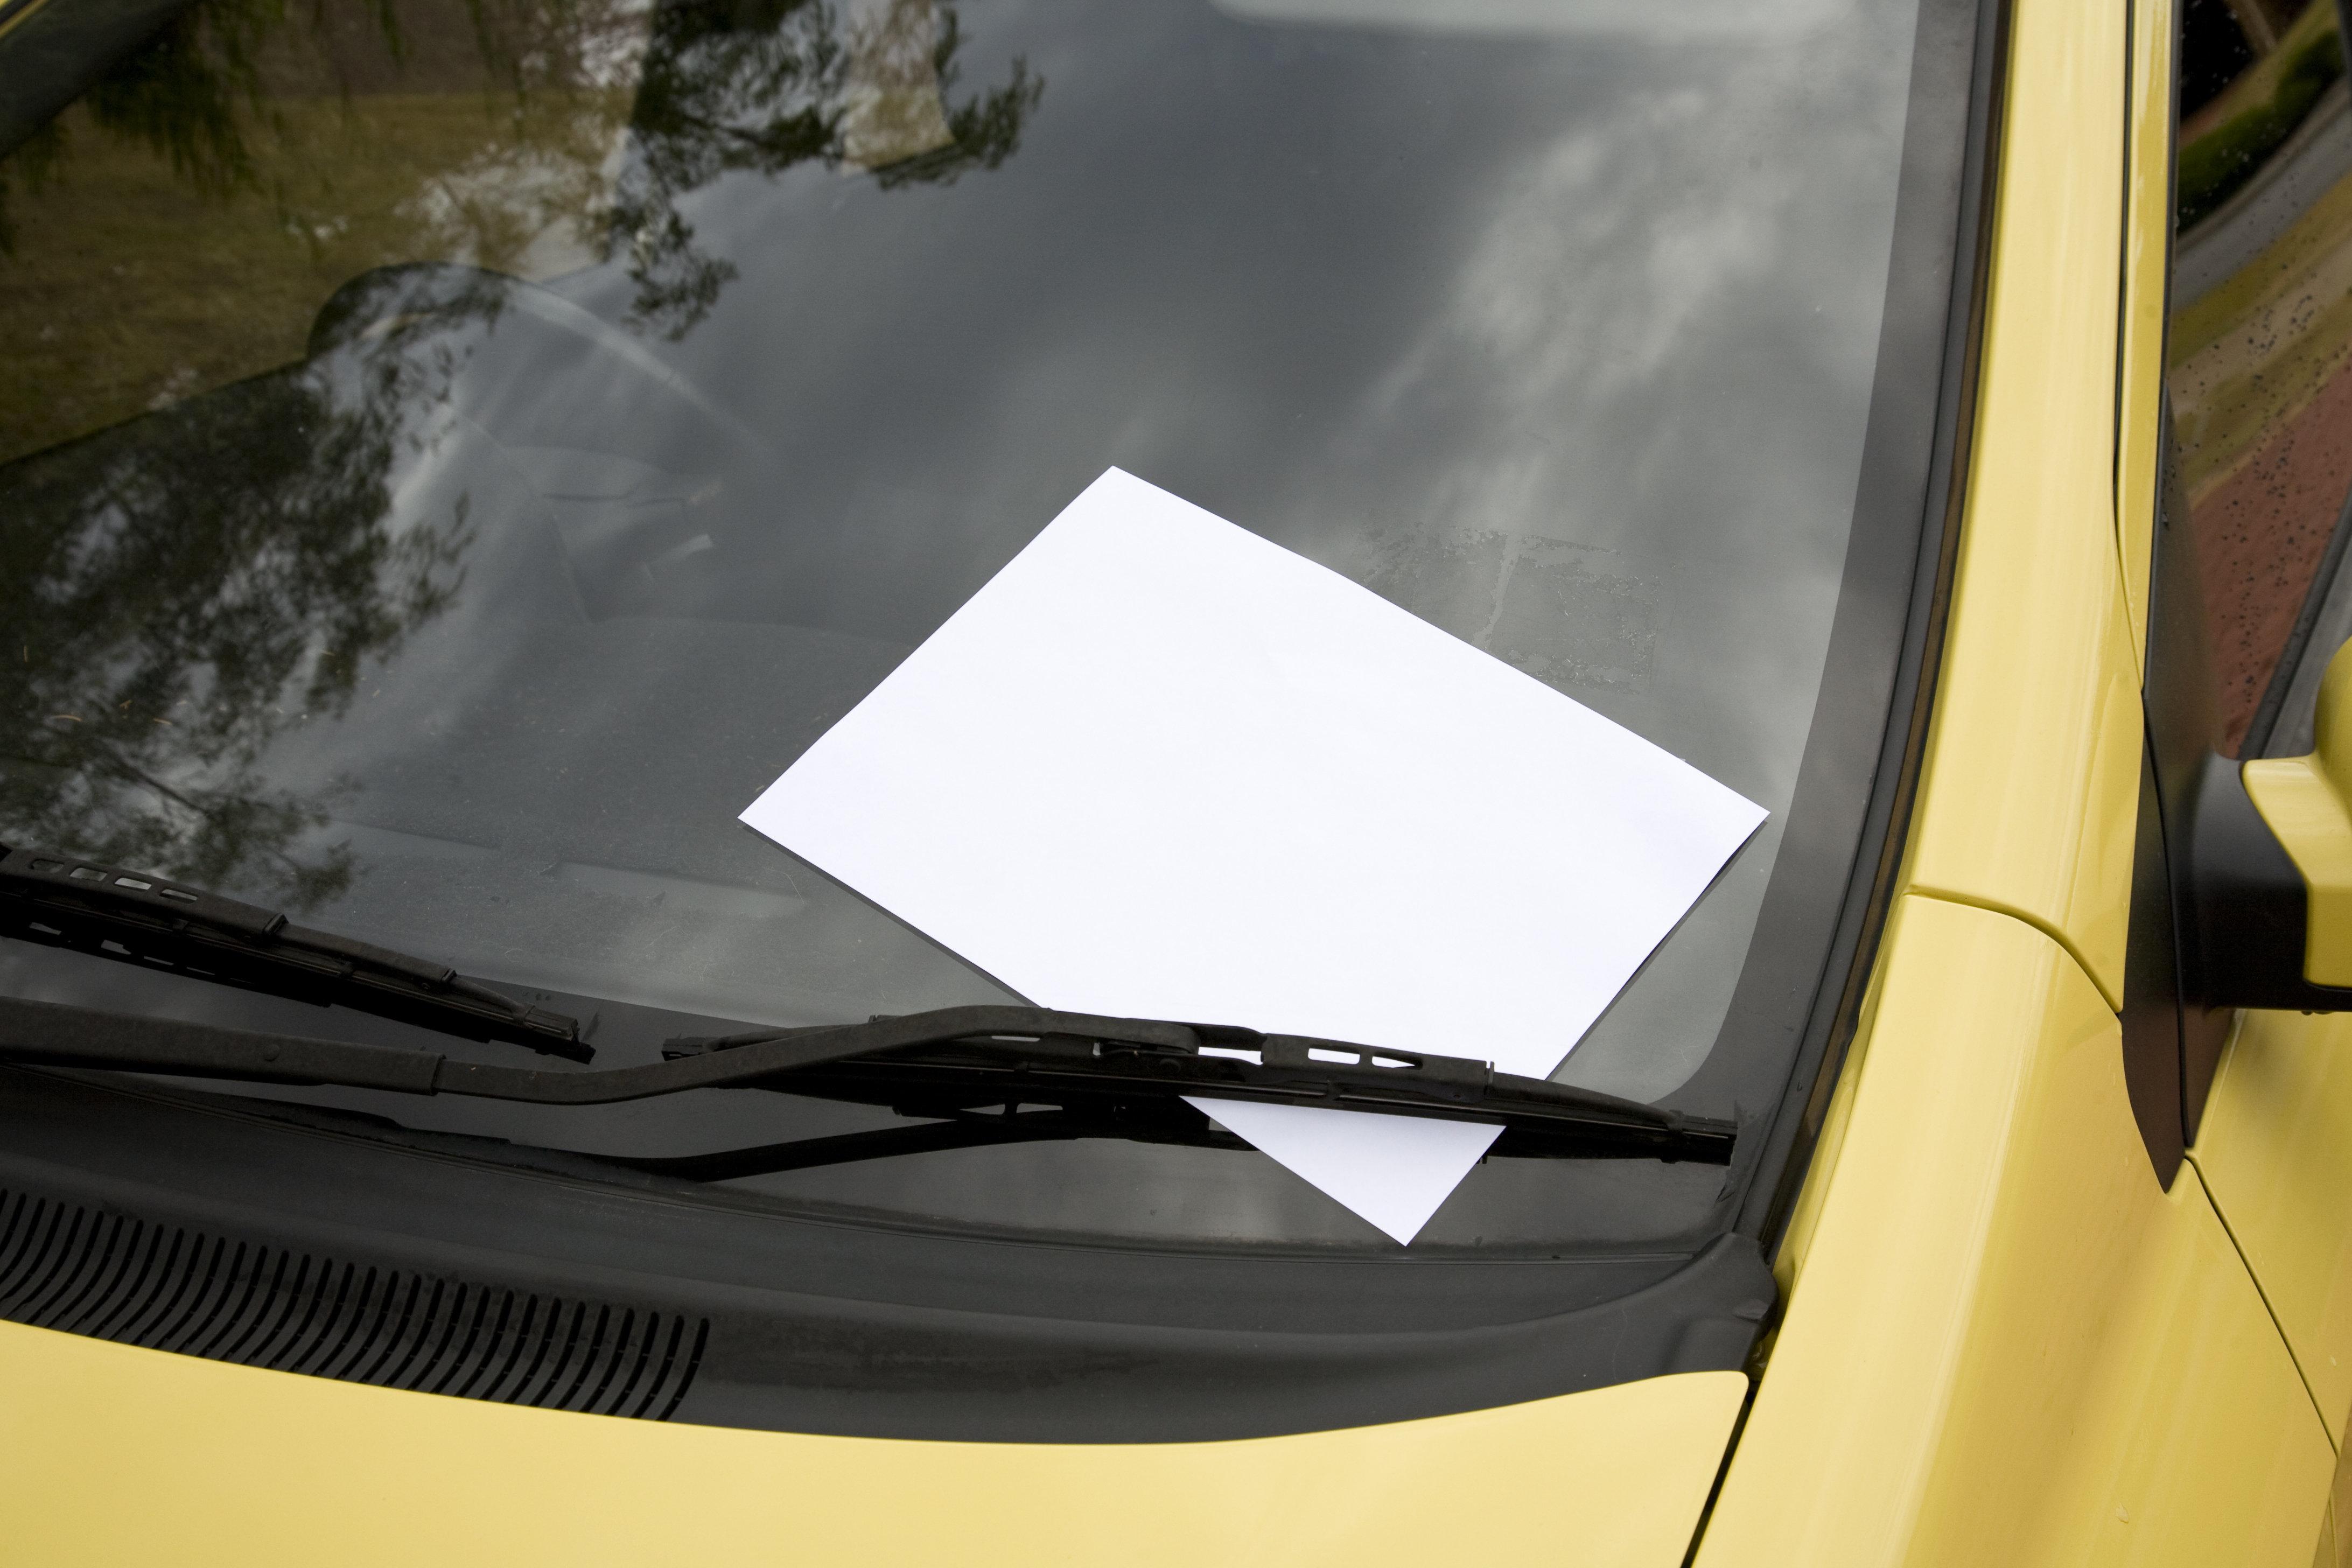 Bei dieser fiesen Botschaft an einen Autofahrer wird euch sicherlich